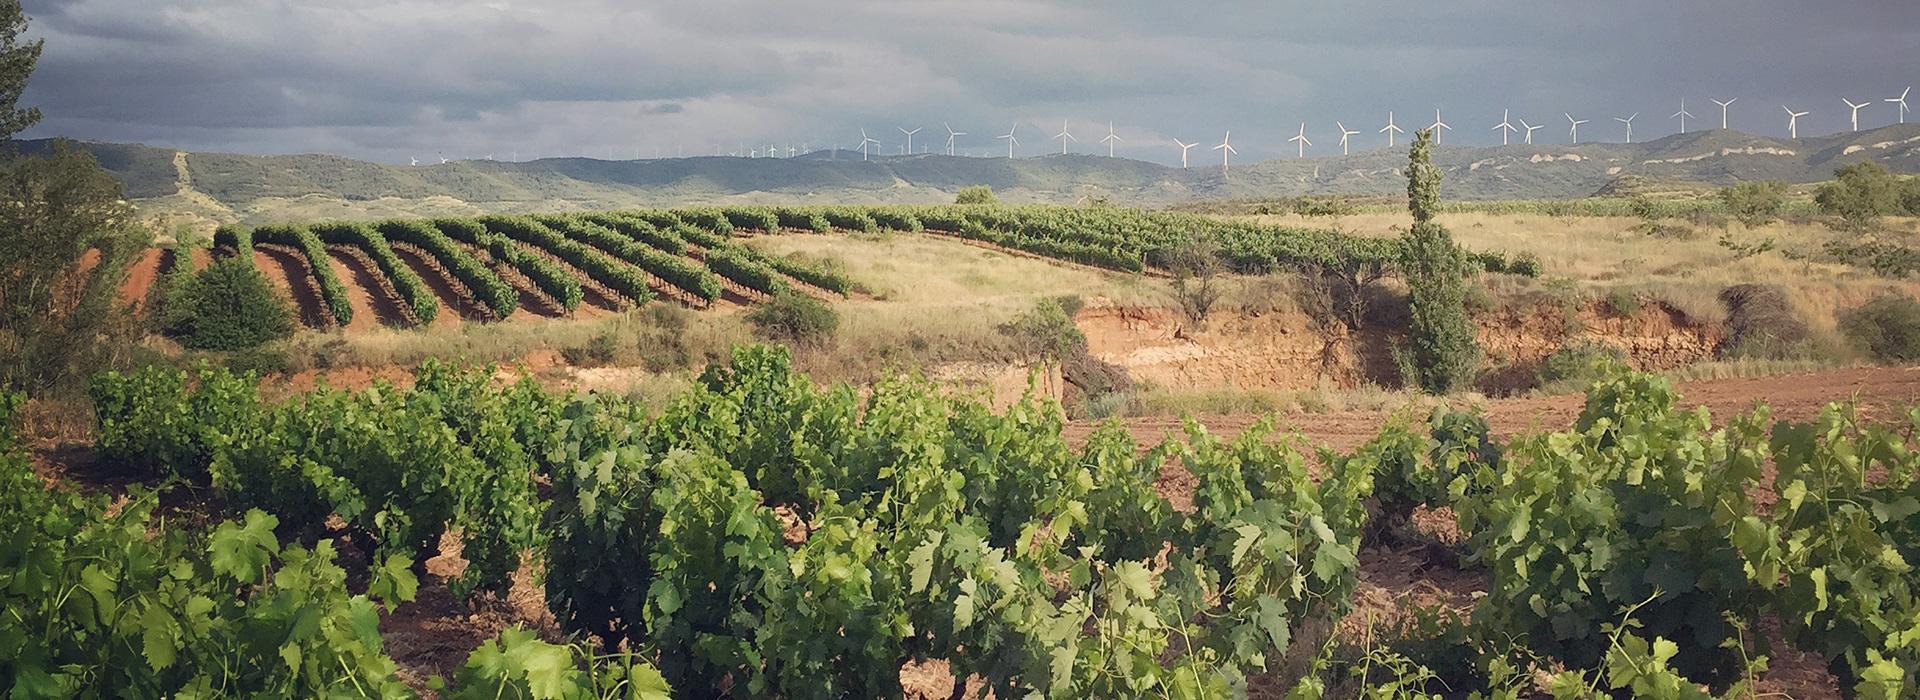 Panorámica con los viñedos como protagonistas